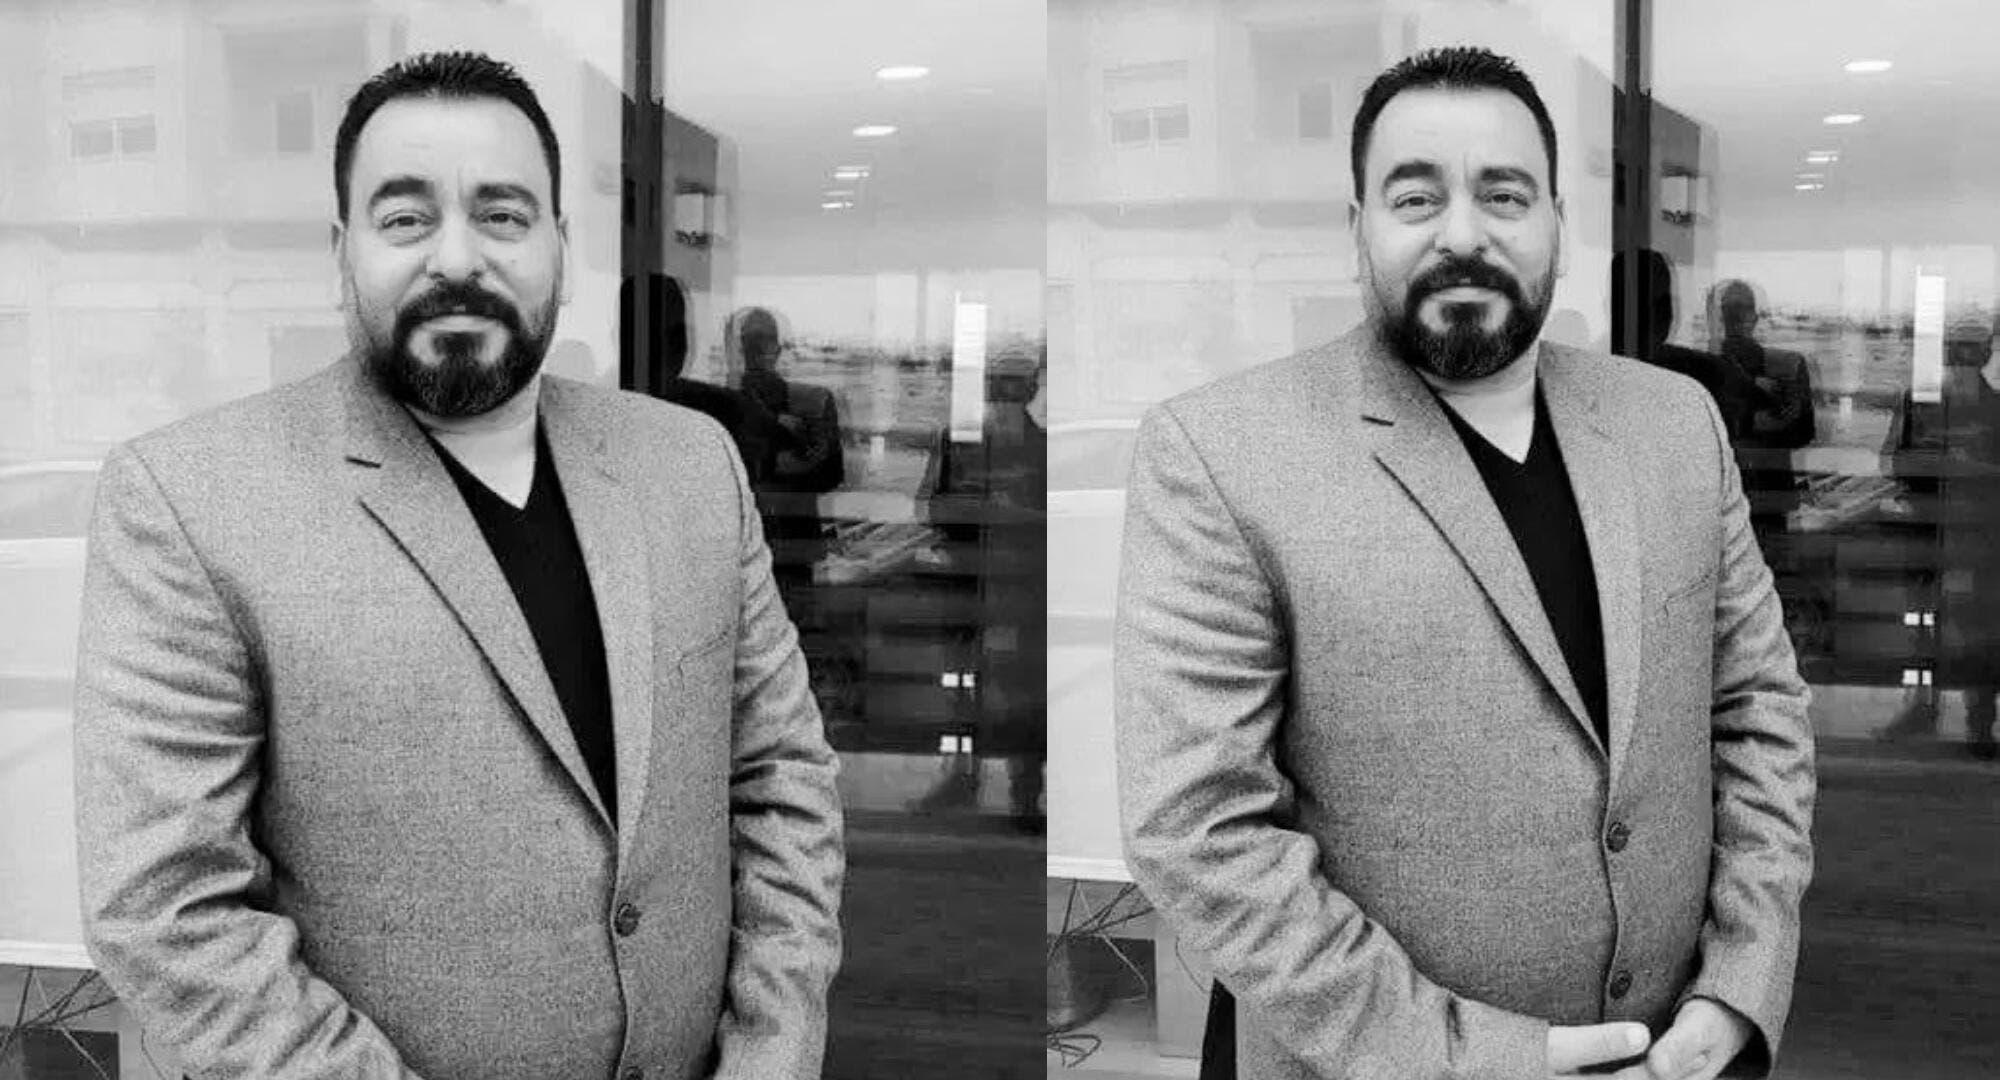 حقيقة انتحار الفنان الأردني متعب الصقار.. شقيقه كشف تفاصيل اللحظات الأخيرة بحياته